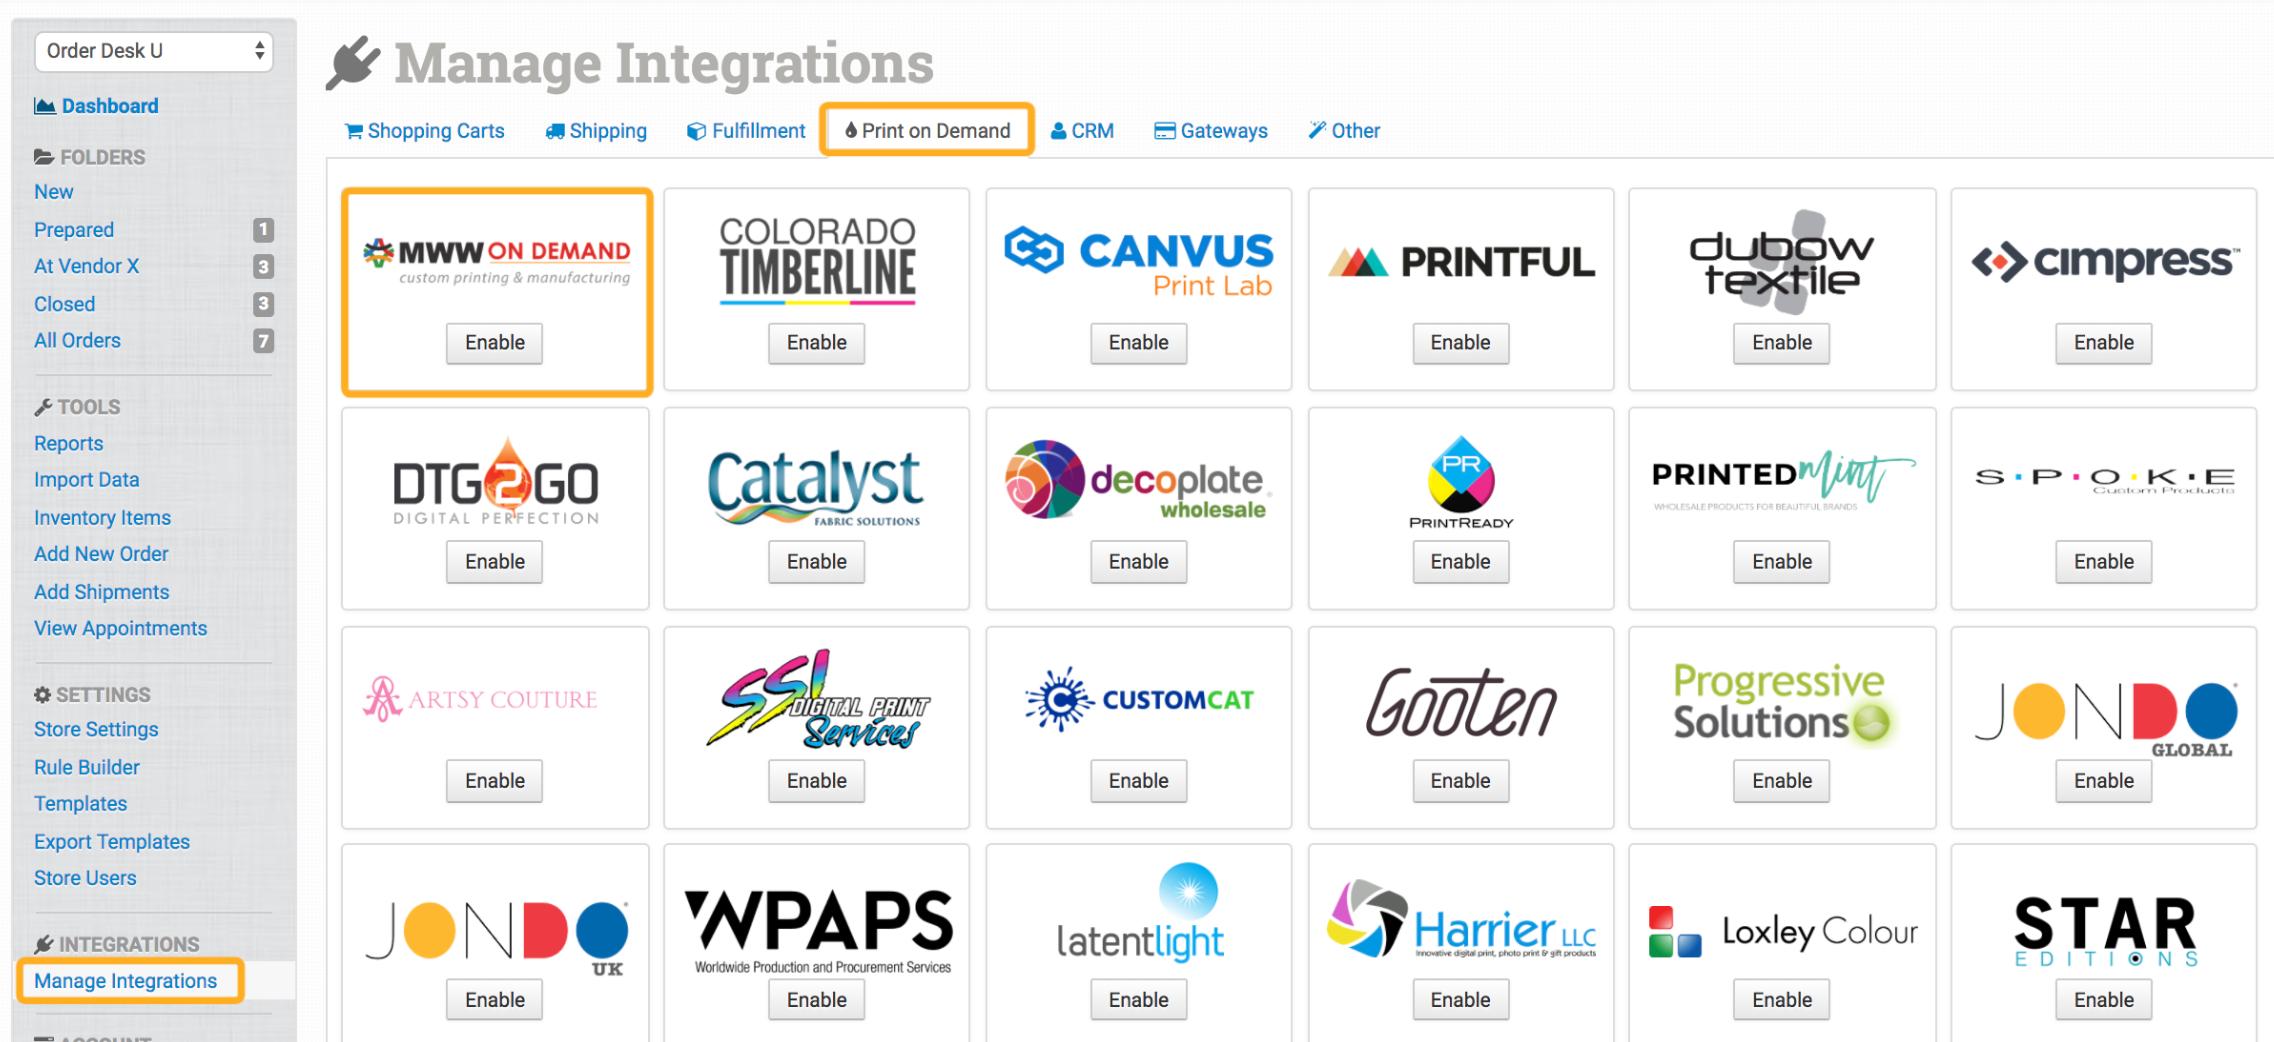 MWW On Demand Integration - Order Desk Help Site